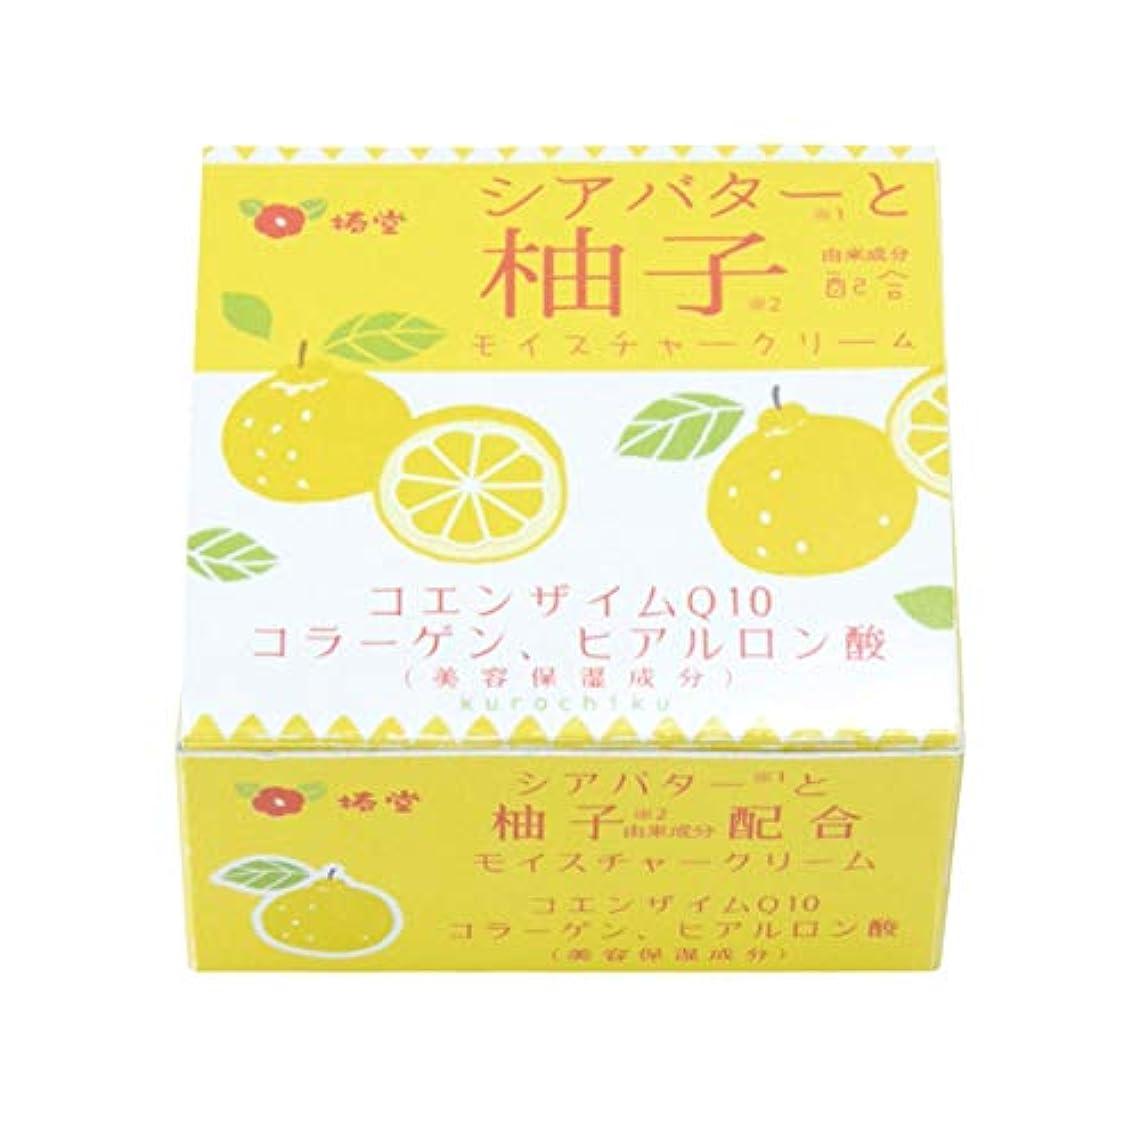 文明失われた編集者椿堂 柚子モイスチャークリーム (シアバターと柚子) 京都くろちく